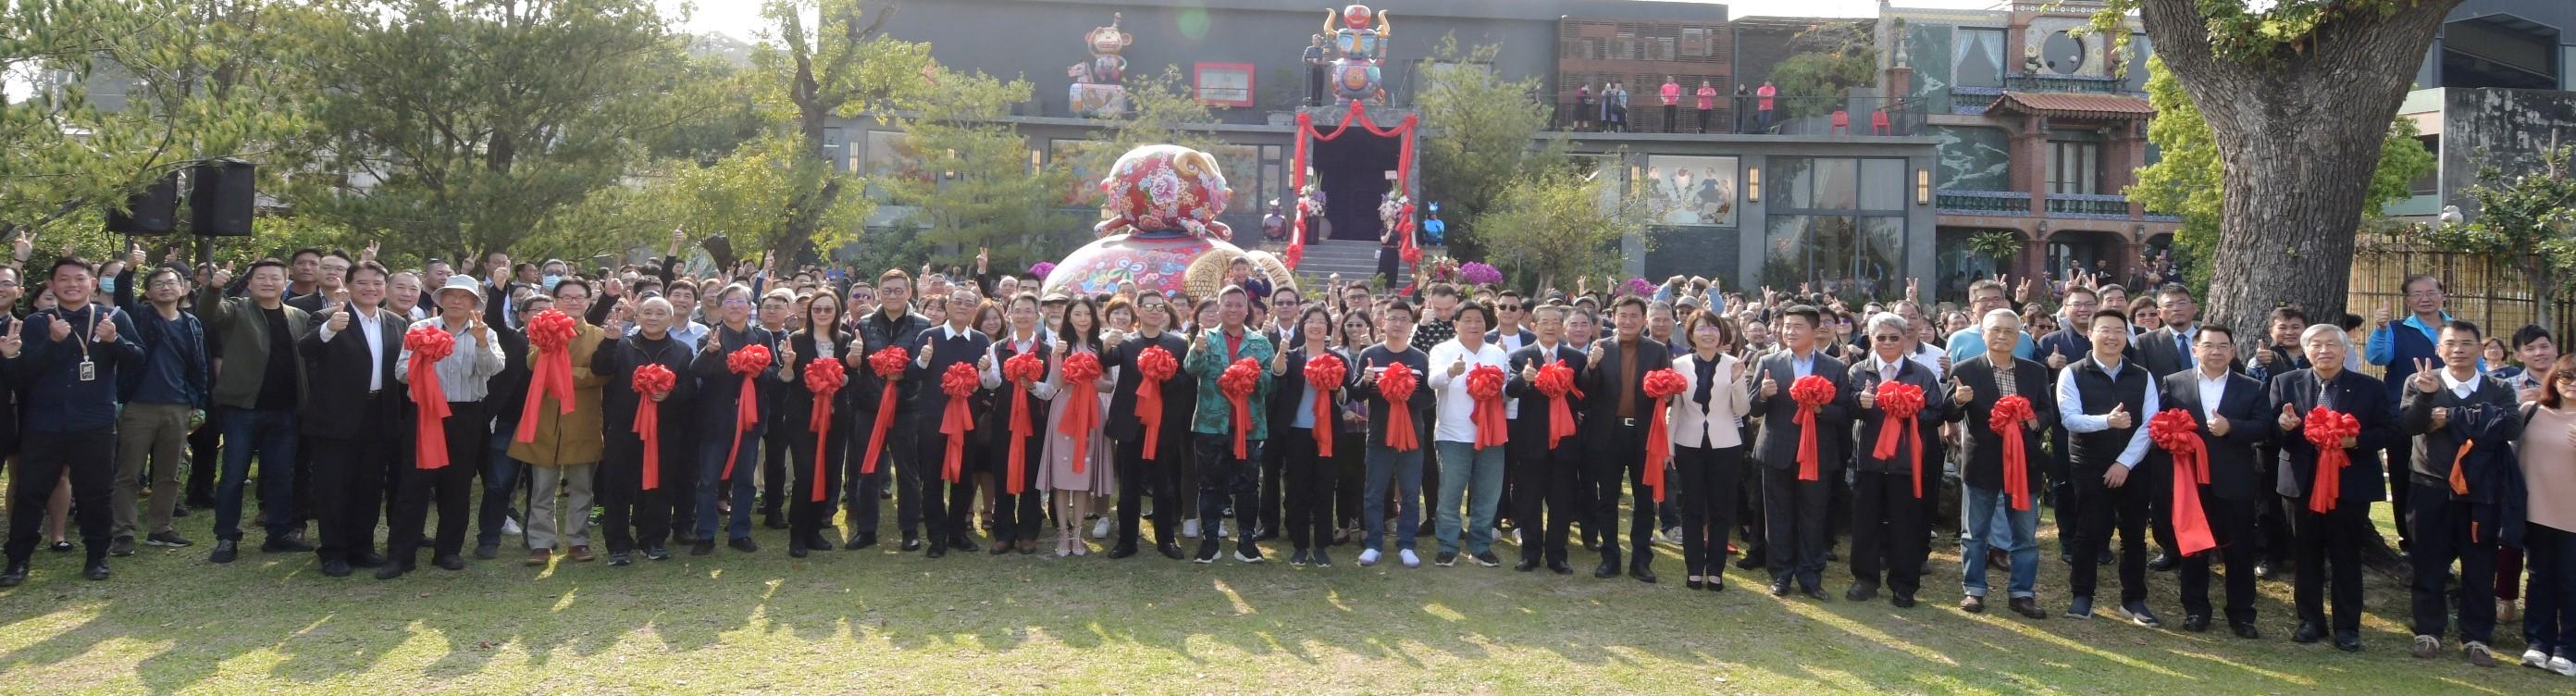 國際級藝術家洪易美術館 選在彰化正式開幕亮相 感謝20 藝術相隨